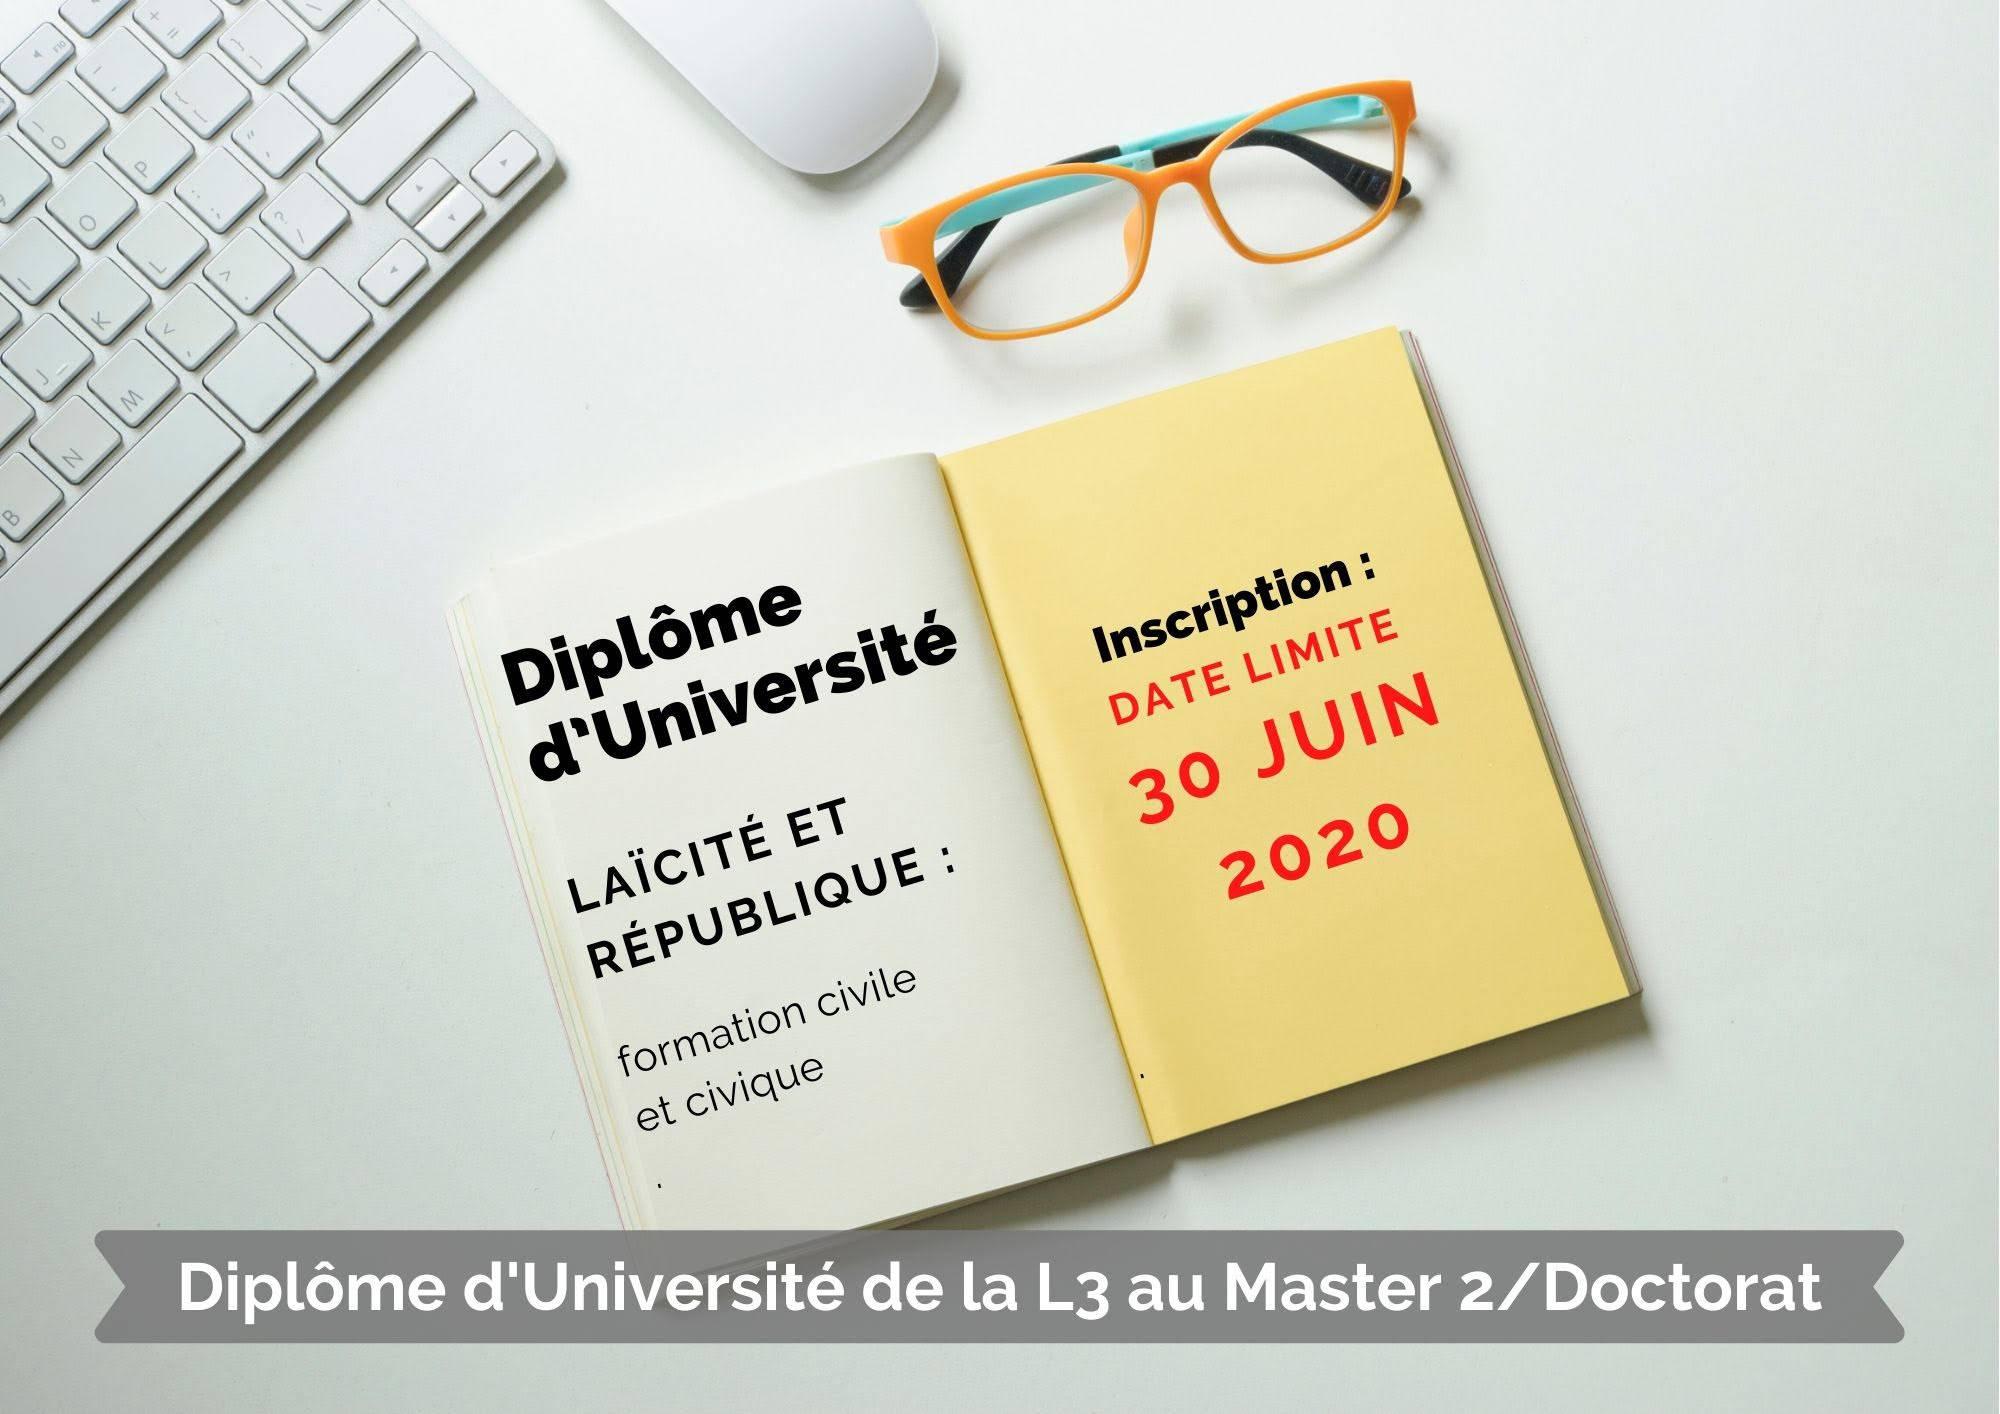 Message de l'Université de Savoie-Mont-Blanc concernant les modalités d'inscription au DU de formation civile et civique à Chambéry.